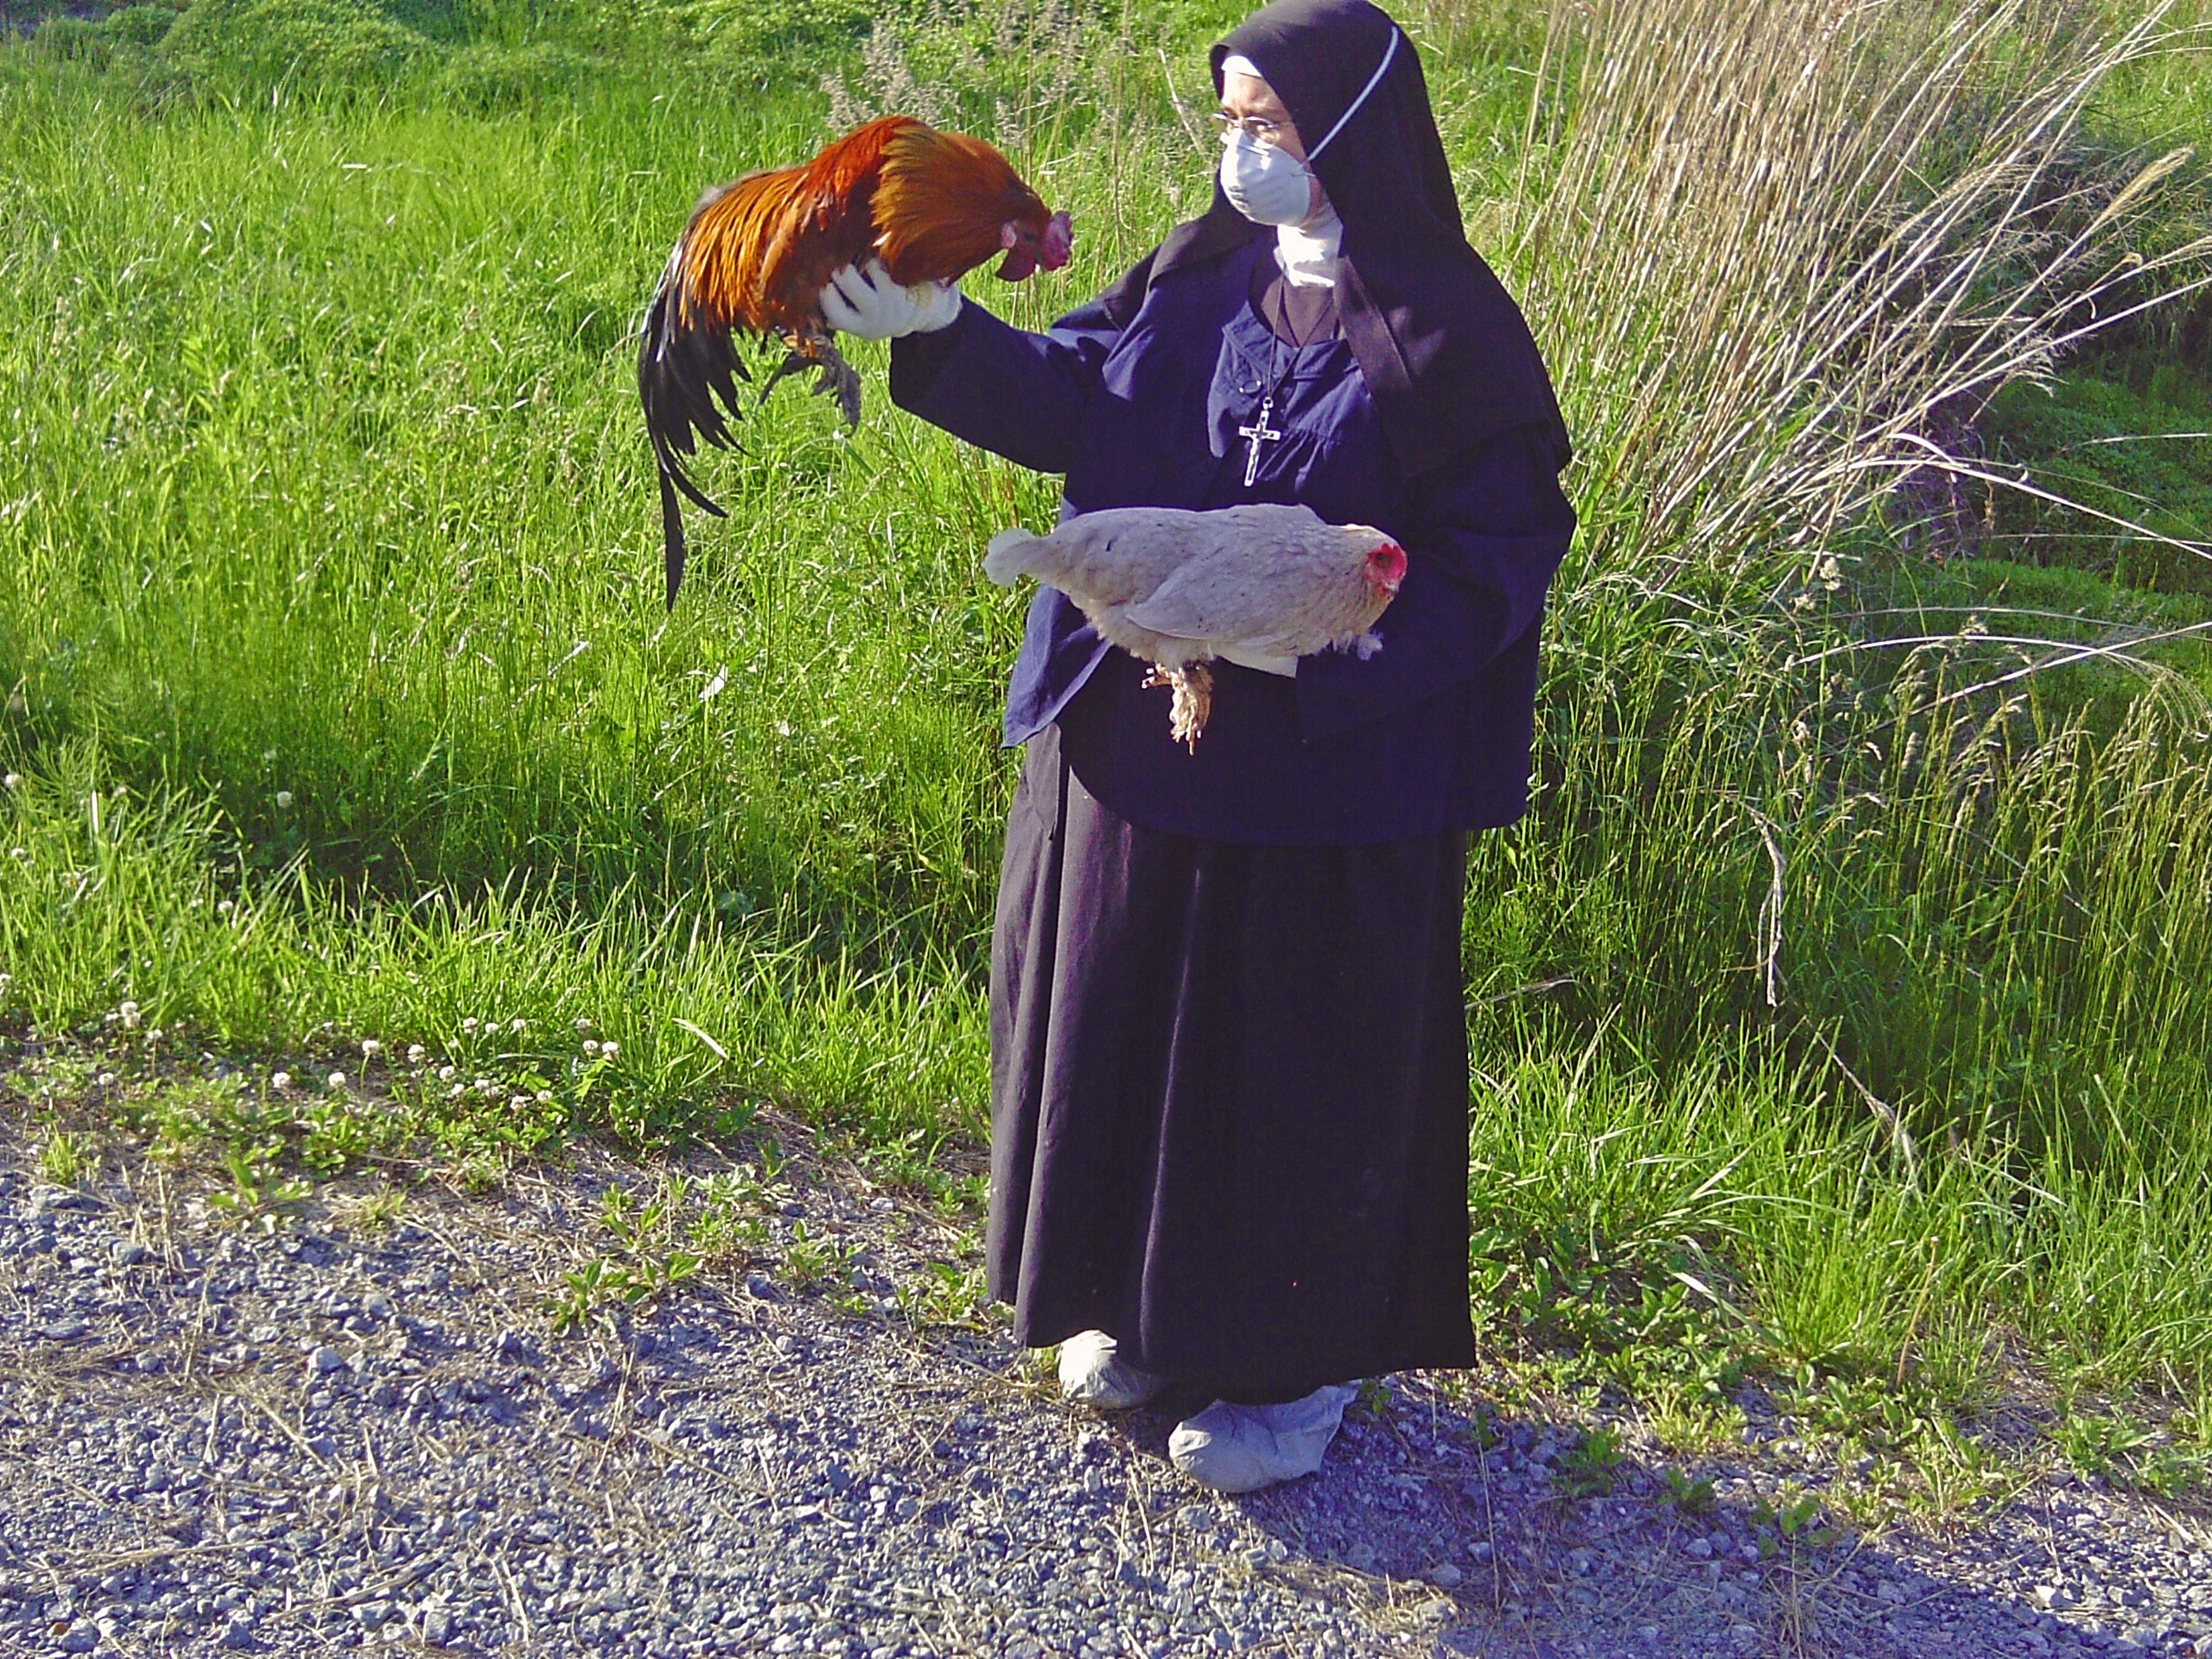 - SisterMichaelMarie_6-11-11_rescued_chickens_Japan_KinshipCircle_5